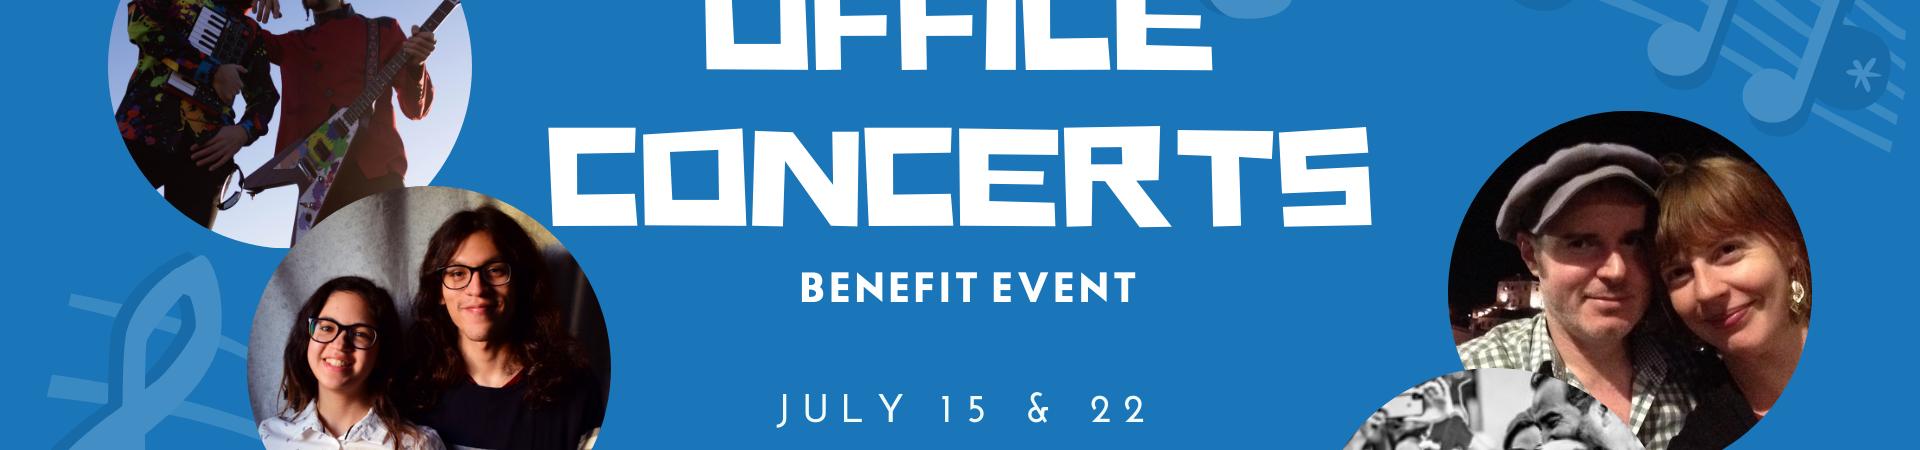 MFR Benefit Concerts 15 & 22 July